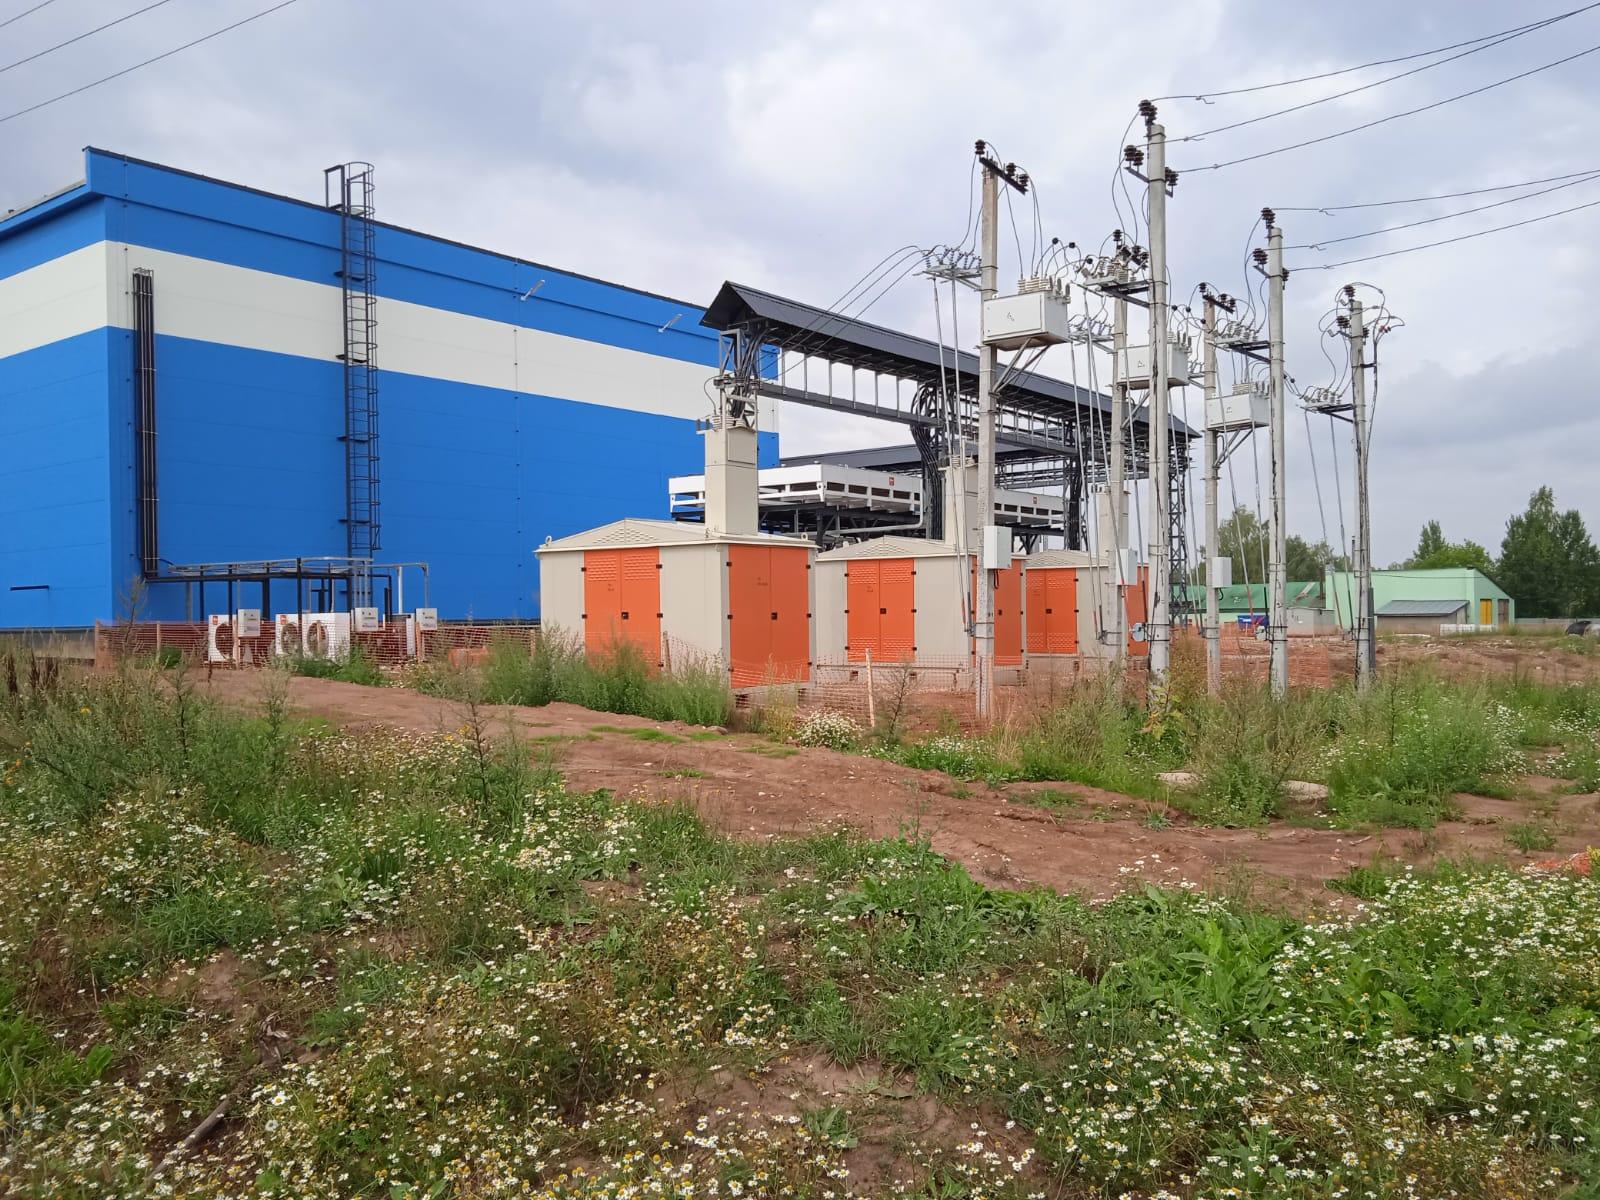 Энергетики «Россети Центр и Приволжье» обеспечили электроснабжение нового производства Вожгальского маслодельно-сыродельного завода